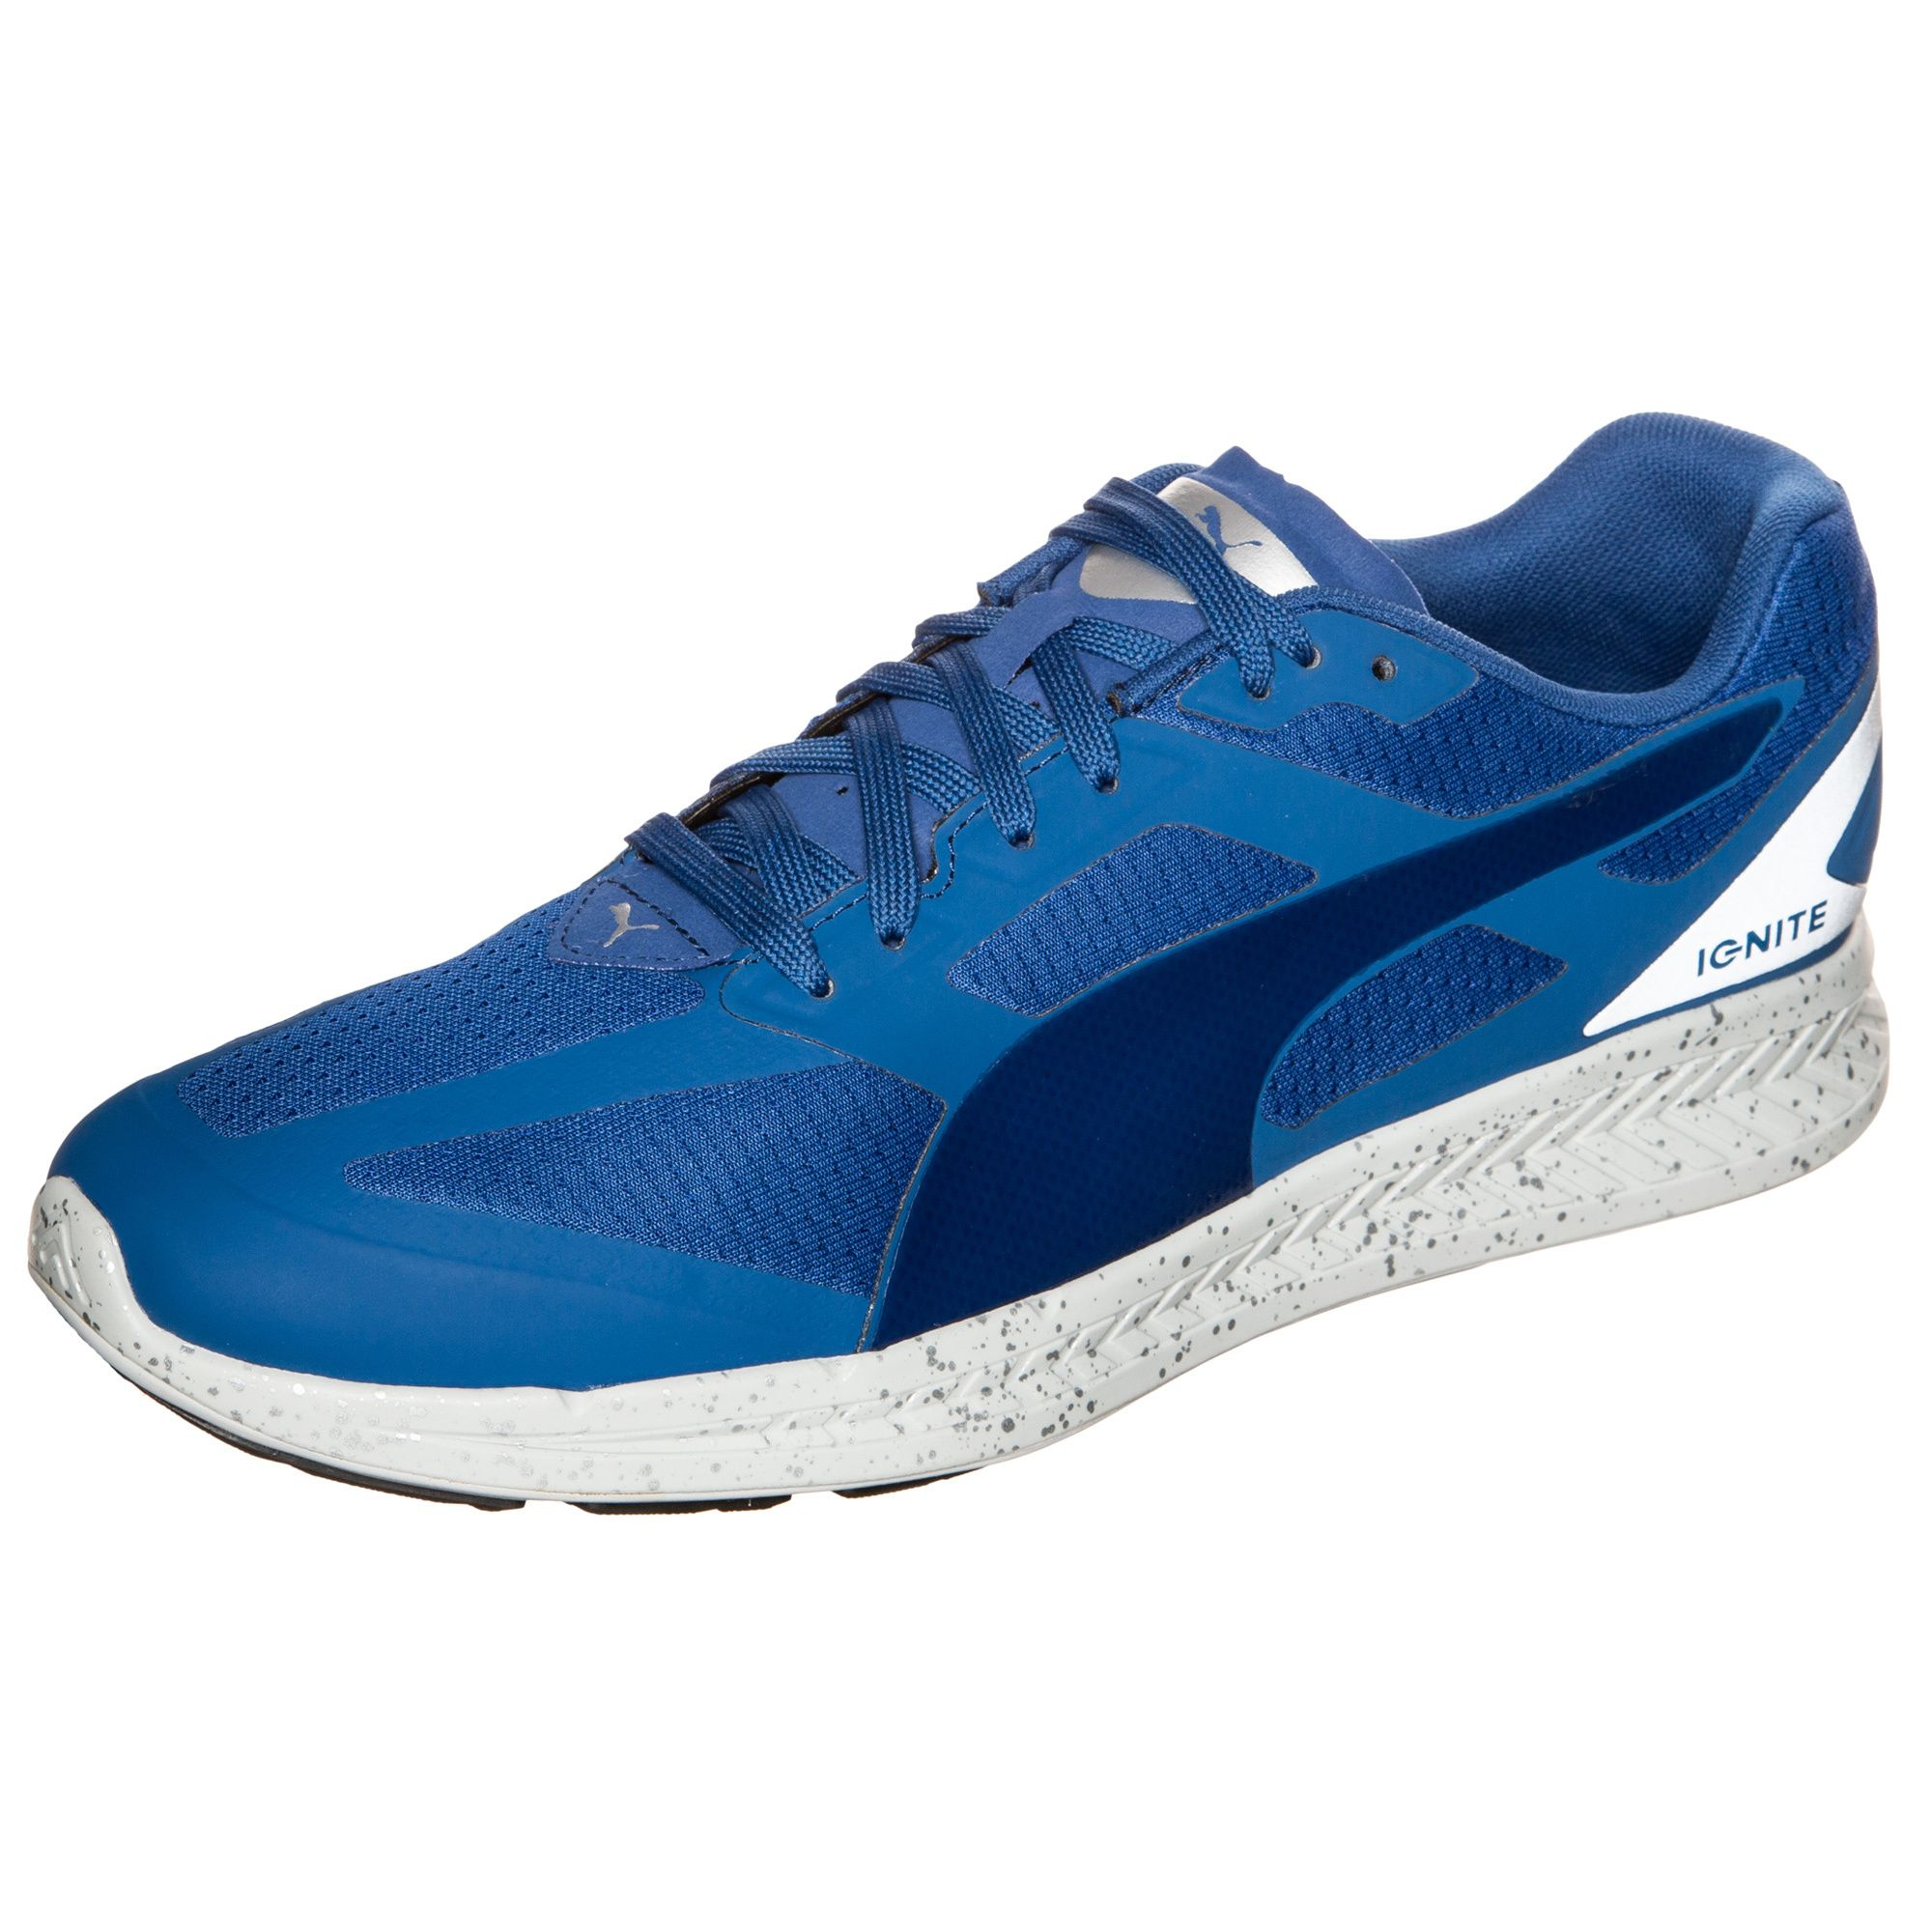 PUMA  Ignite Fast Forward Sneaker Herren